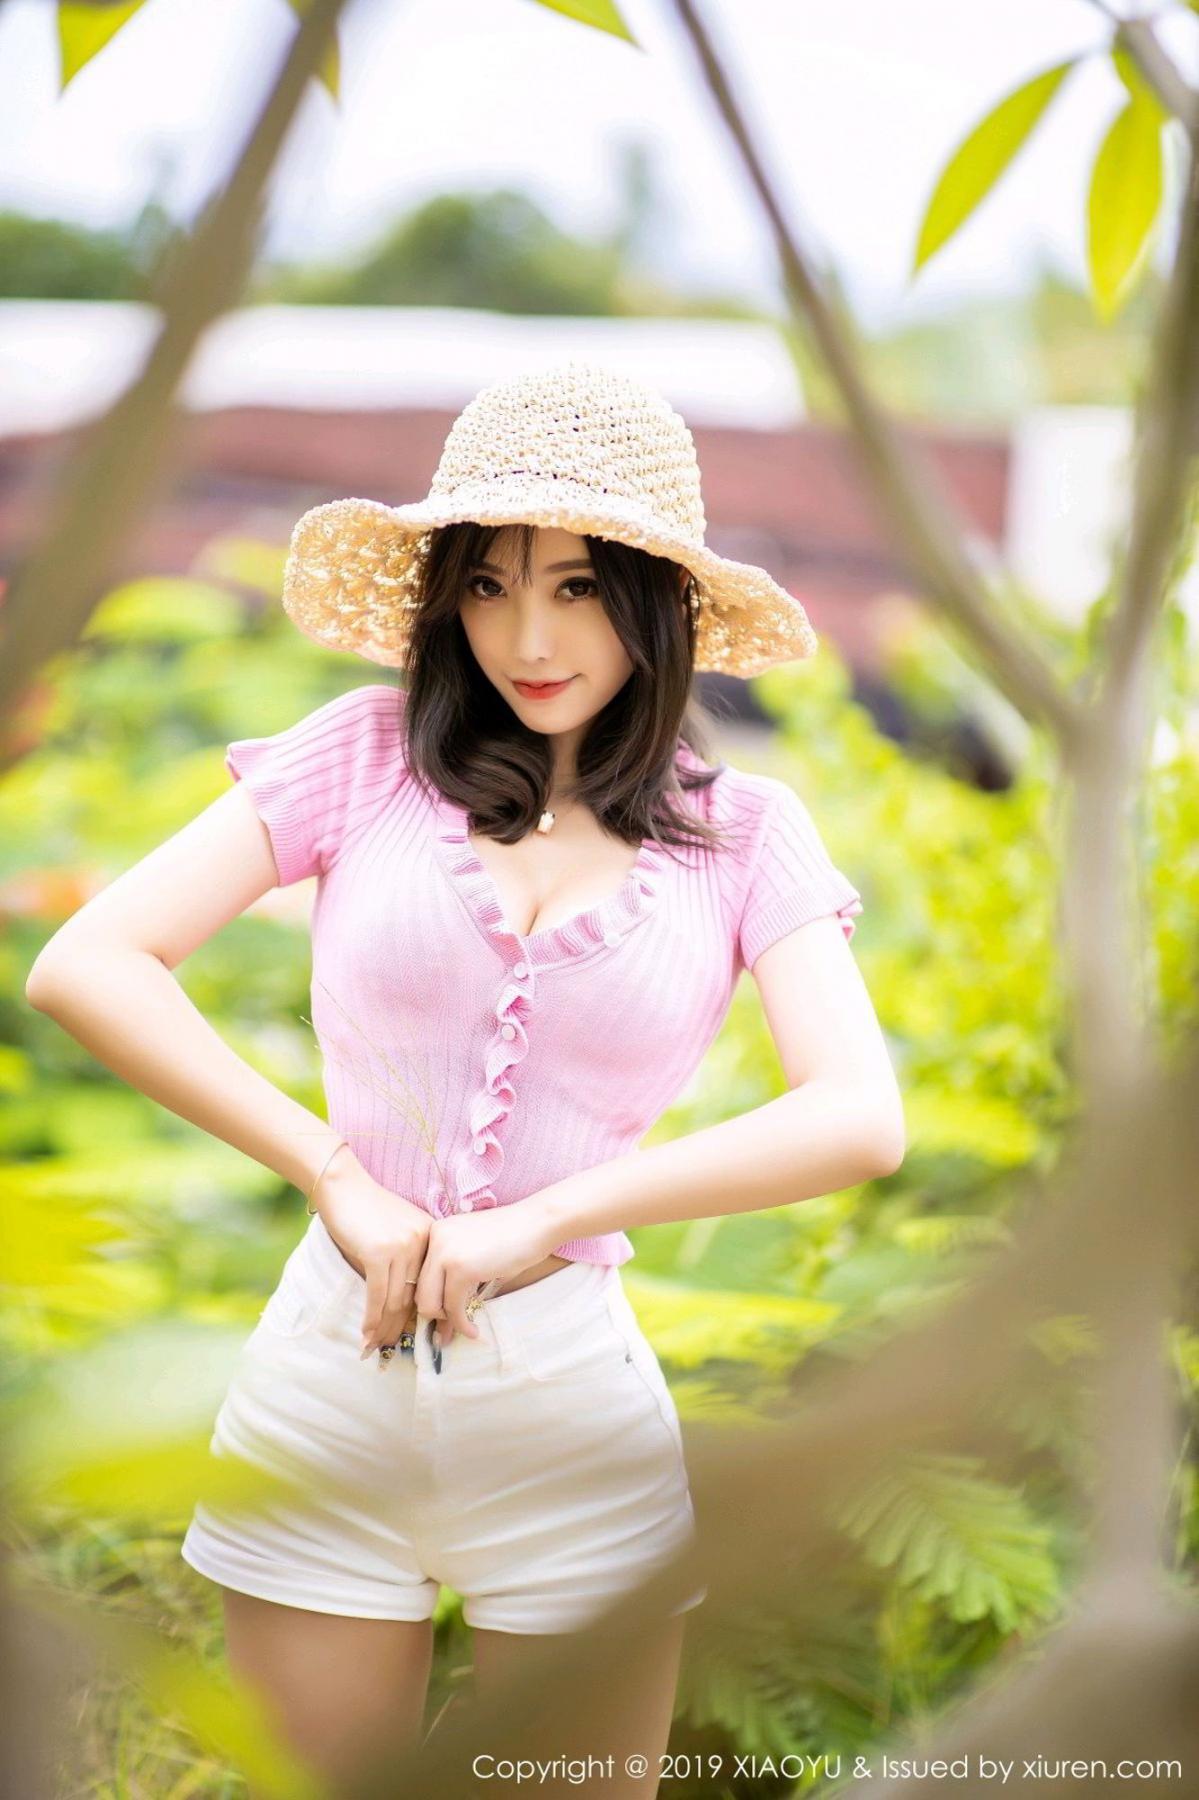 [XiaoYu] Vol.169 Yang Chen Chen 13P, Outdoor, Underwear, XiaoYu, Yang Chen Chen